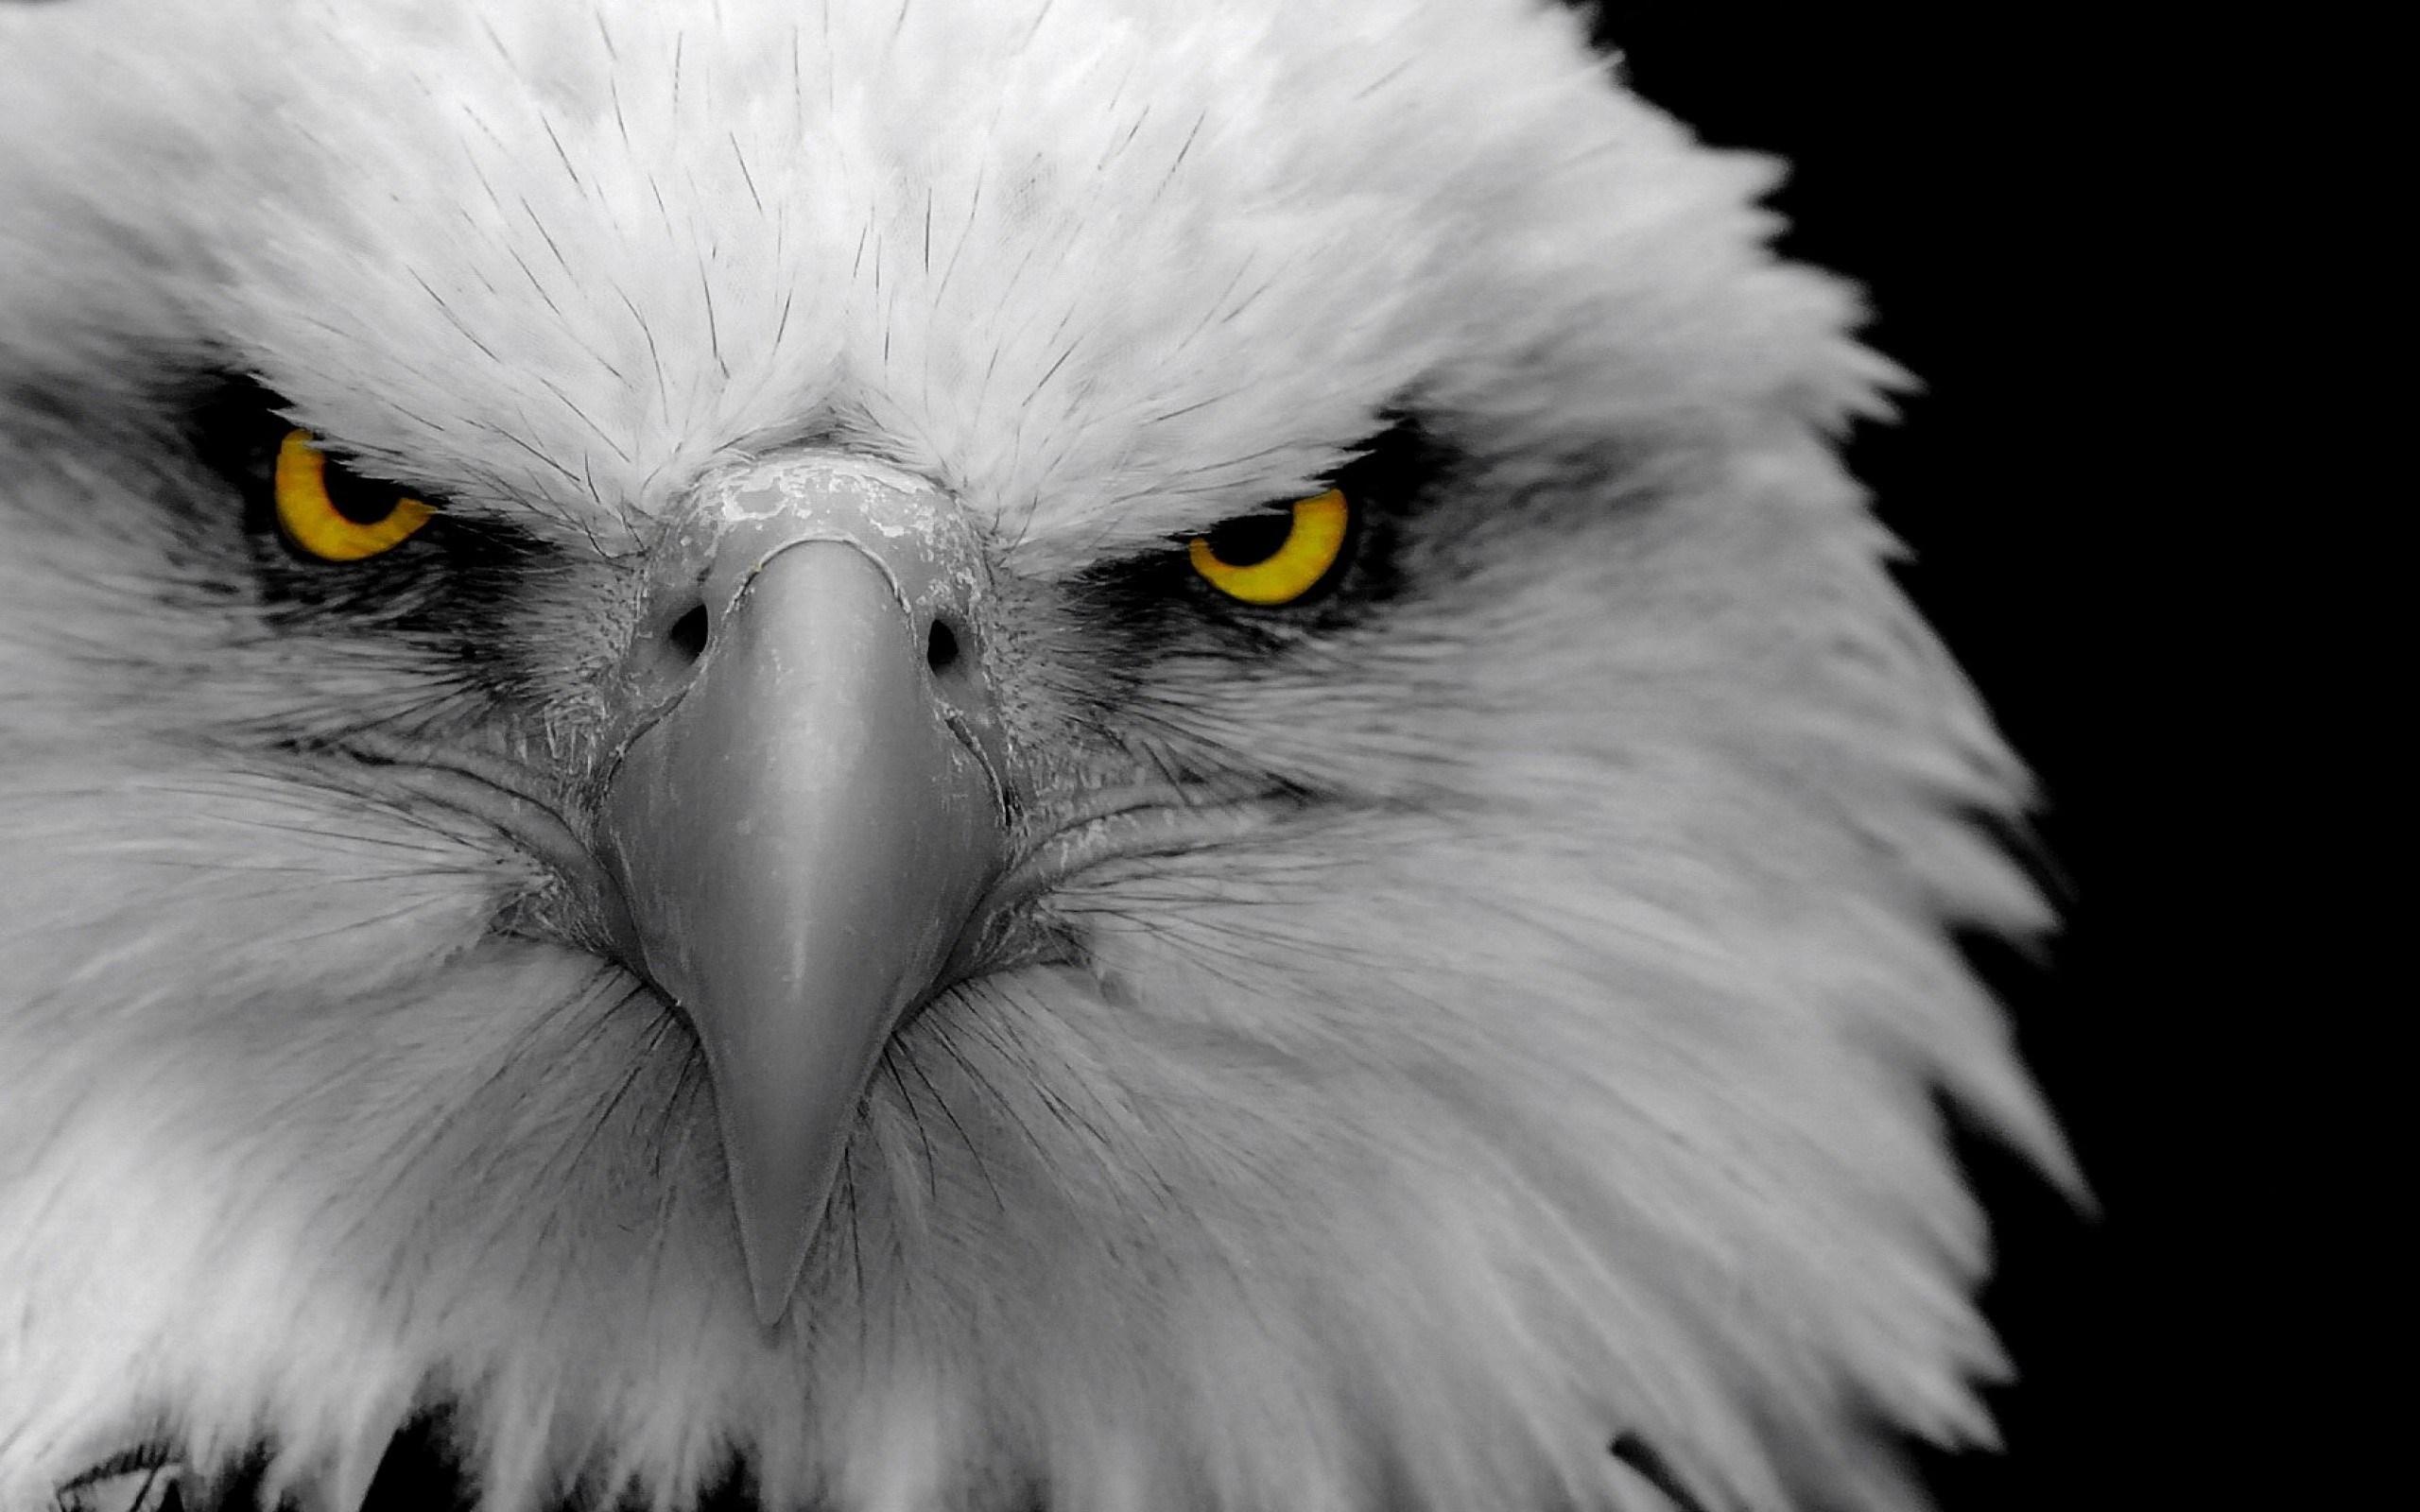 Eagle Up Close Wallpaper